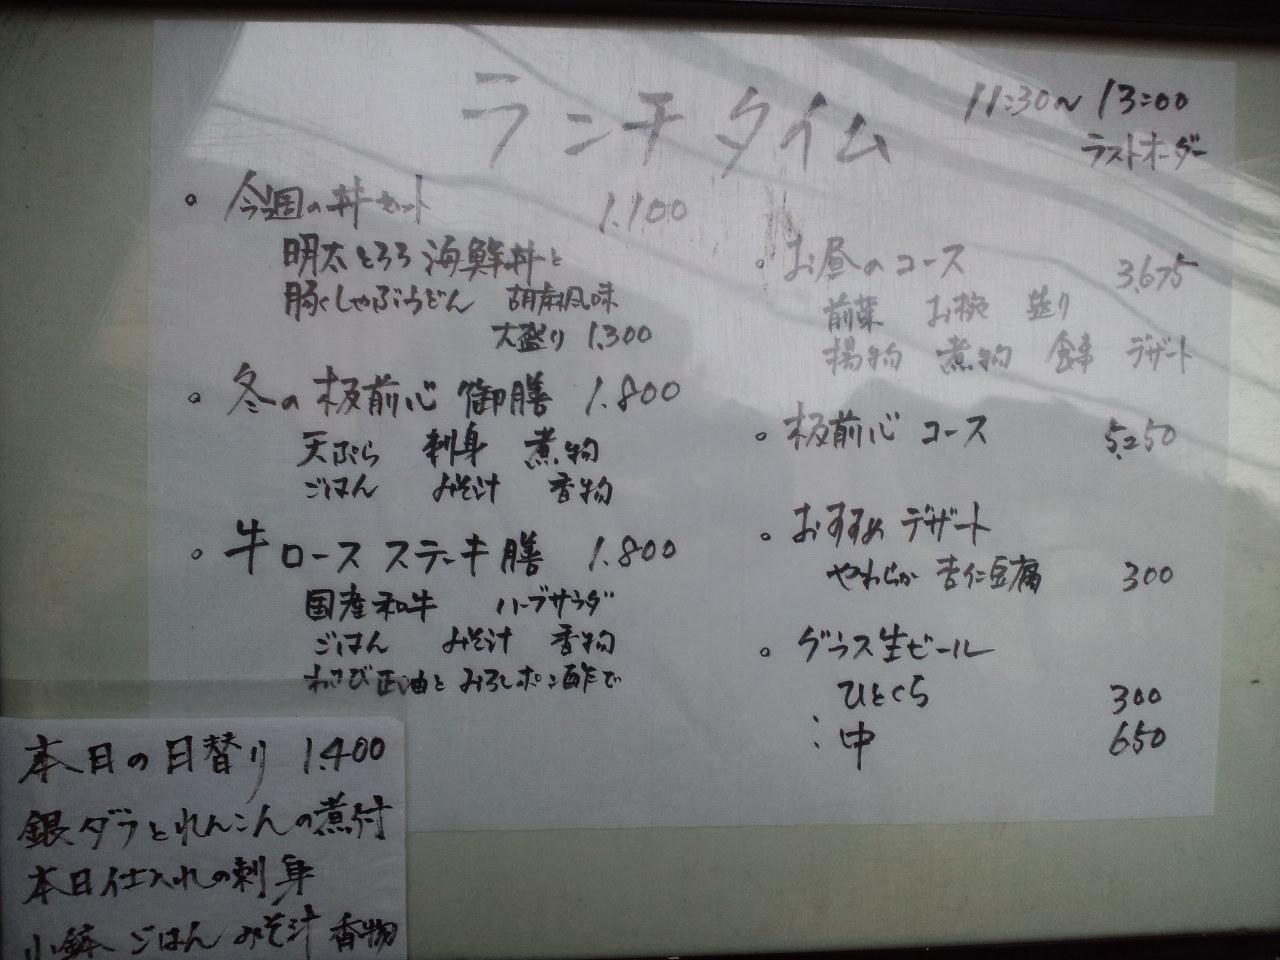 新宿 板前心 菊うら ☆ランチ_c0151965_21431140.jpg